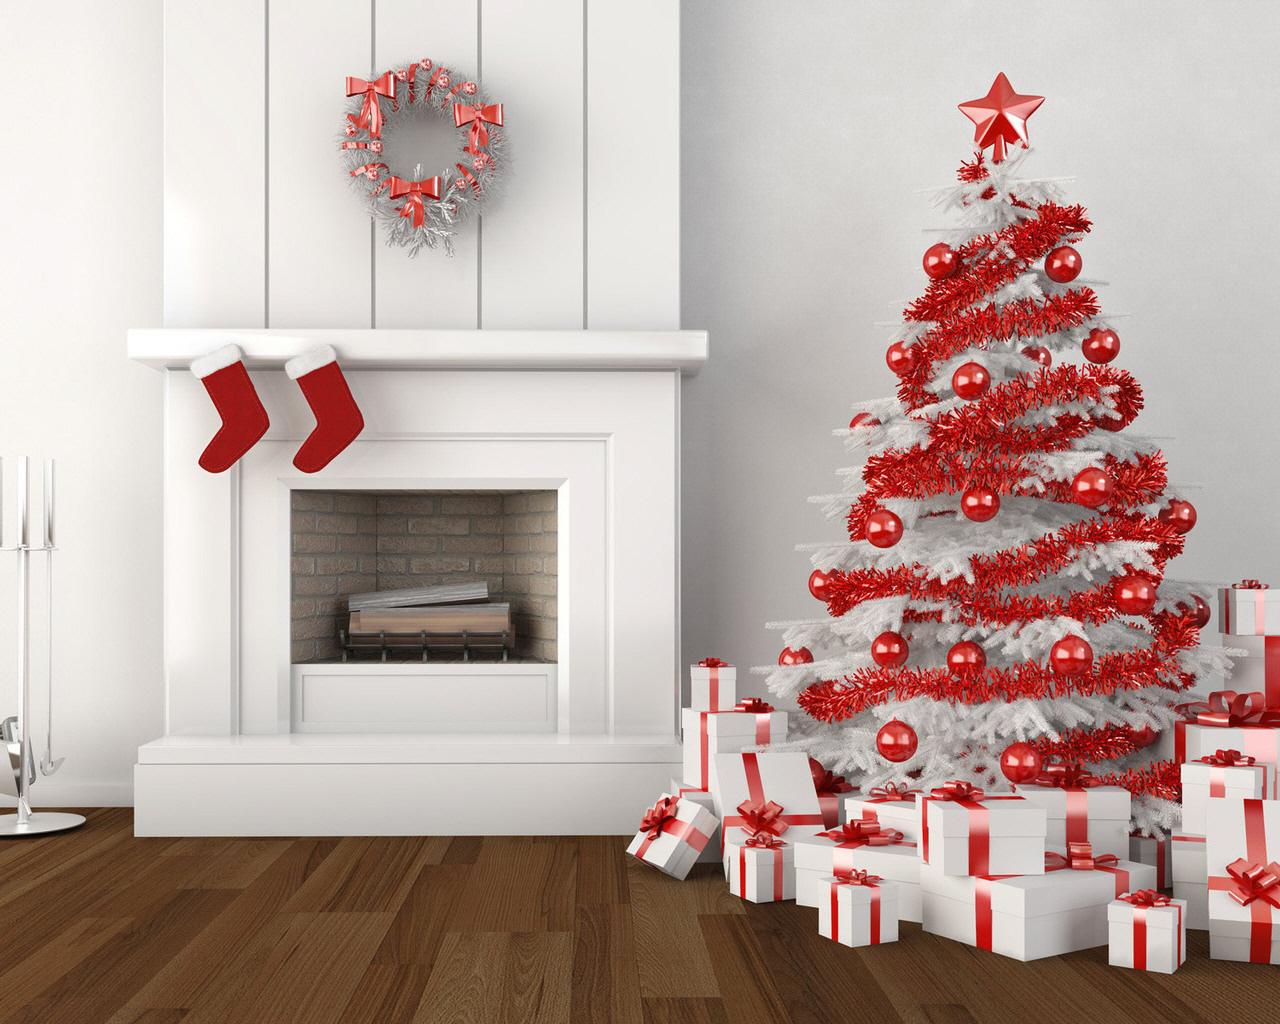 Новогодняя елка с подарками - C наступающим новым годом 2018 поздравительные картинки